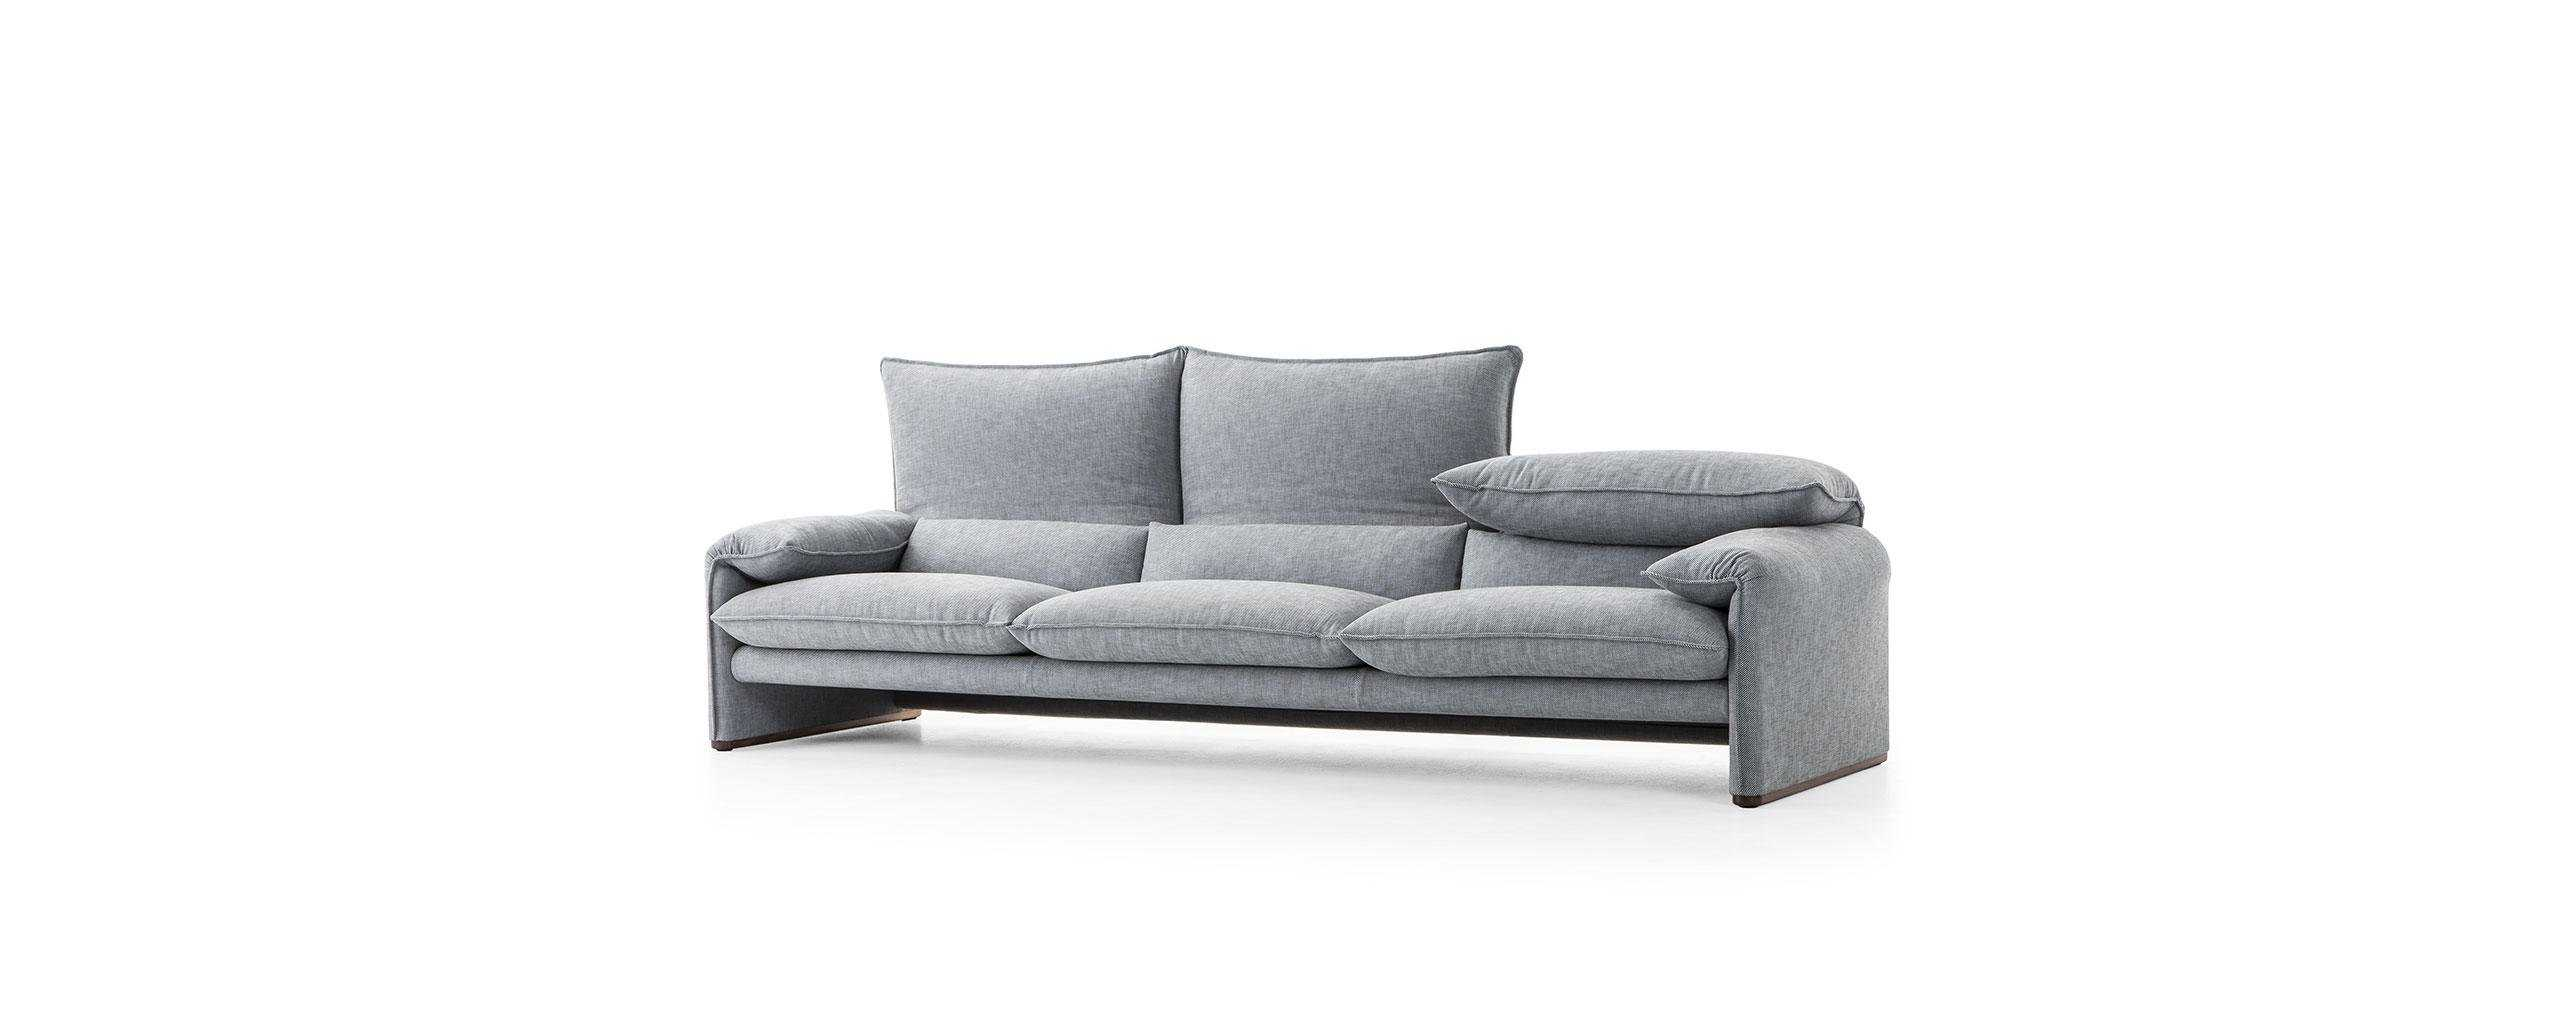 5 mẫu sofa nhập khẩu đẹp tinh tế & hiện đại